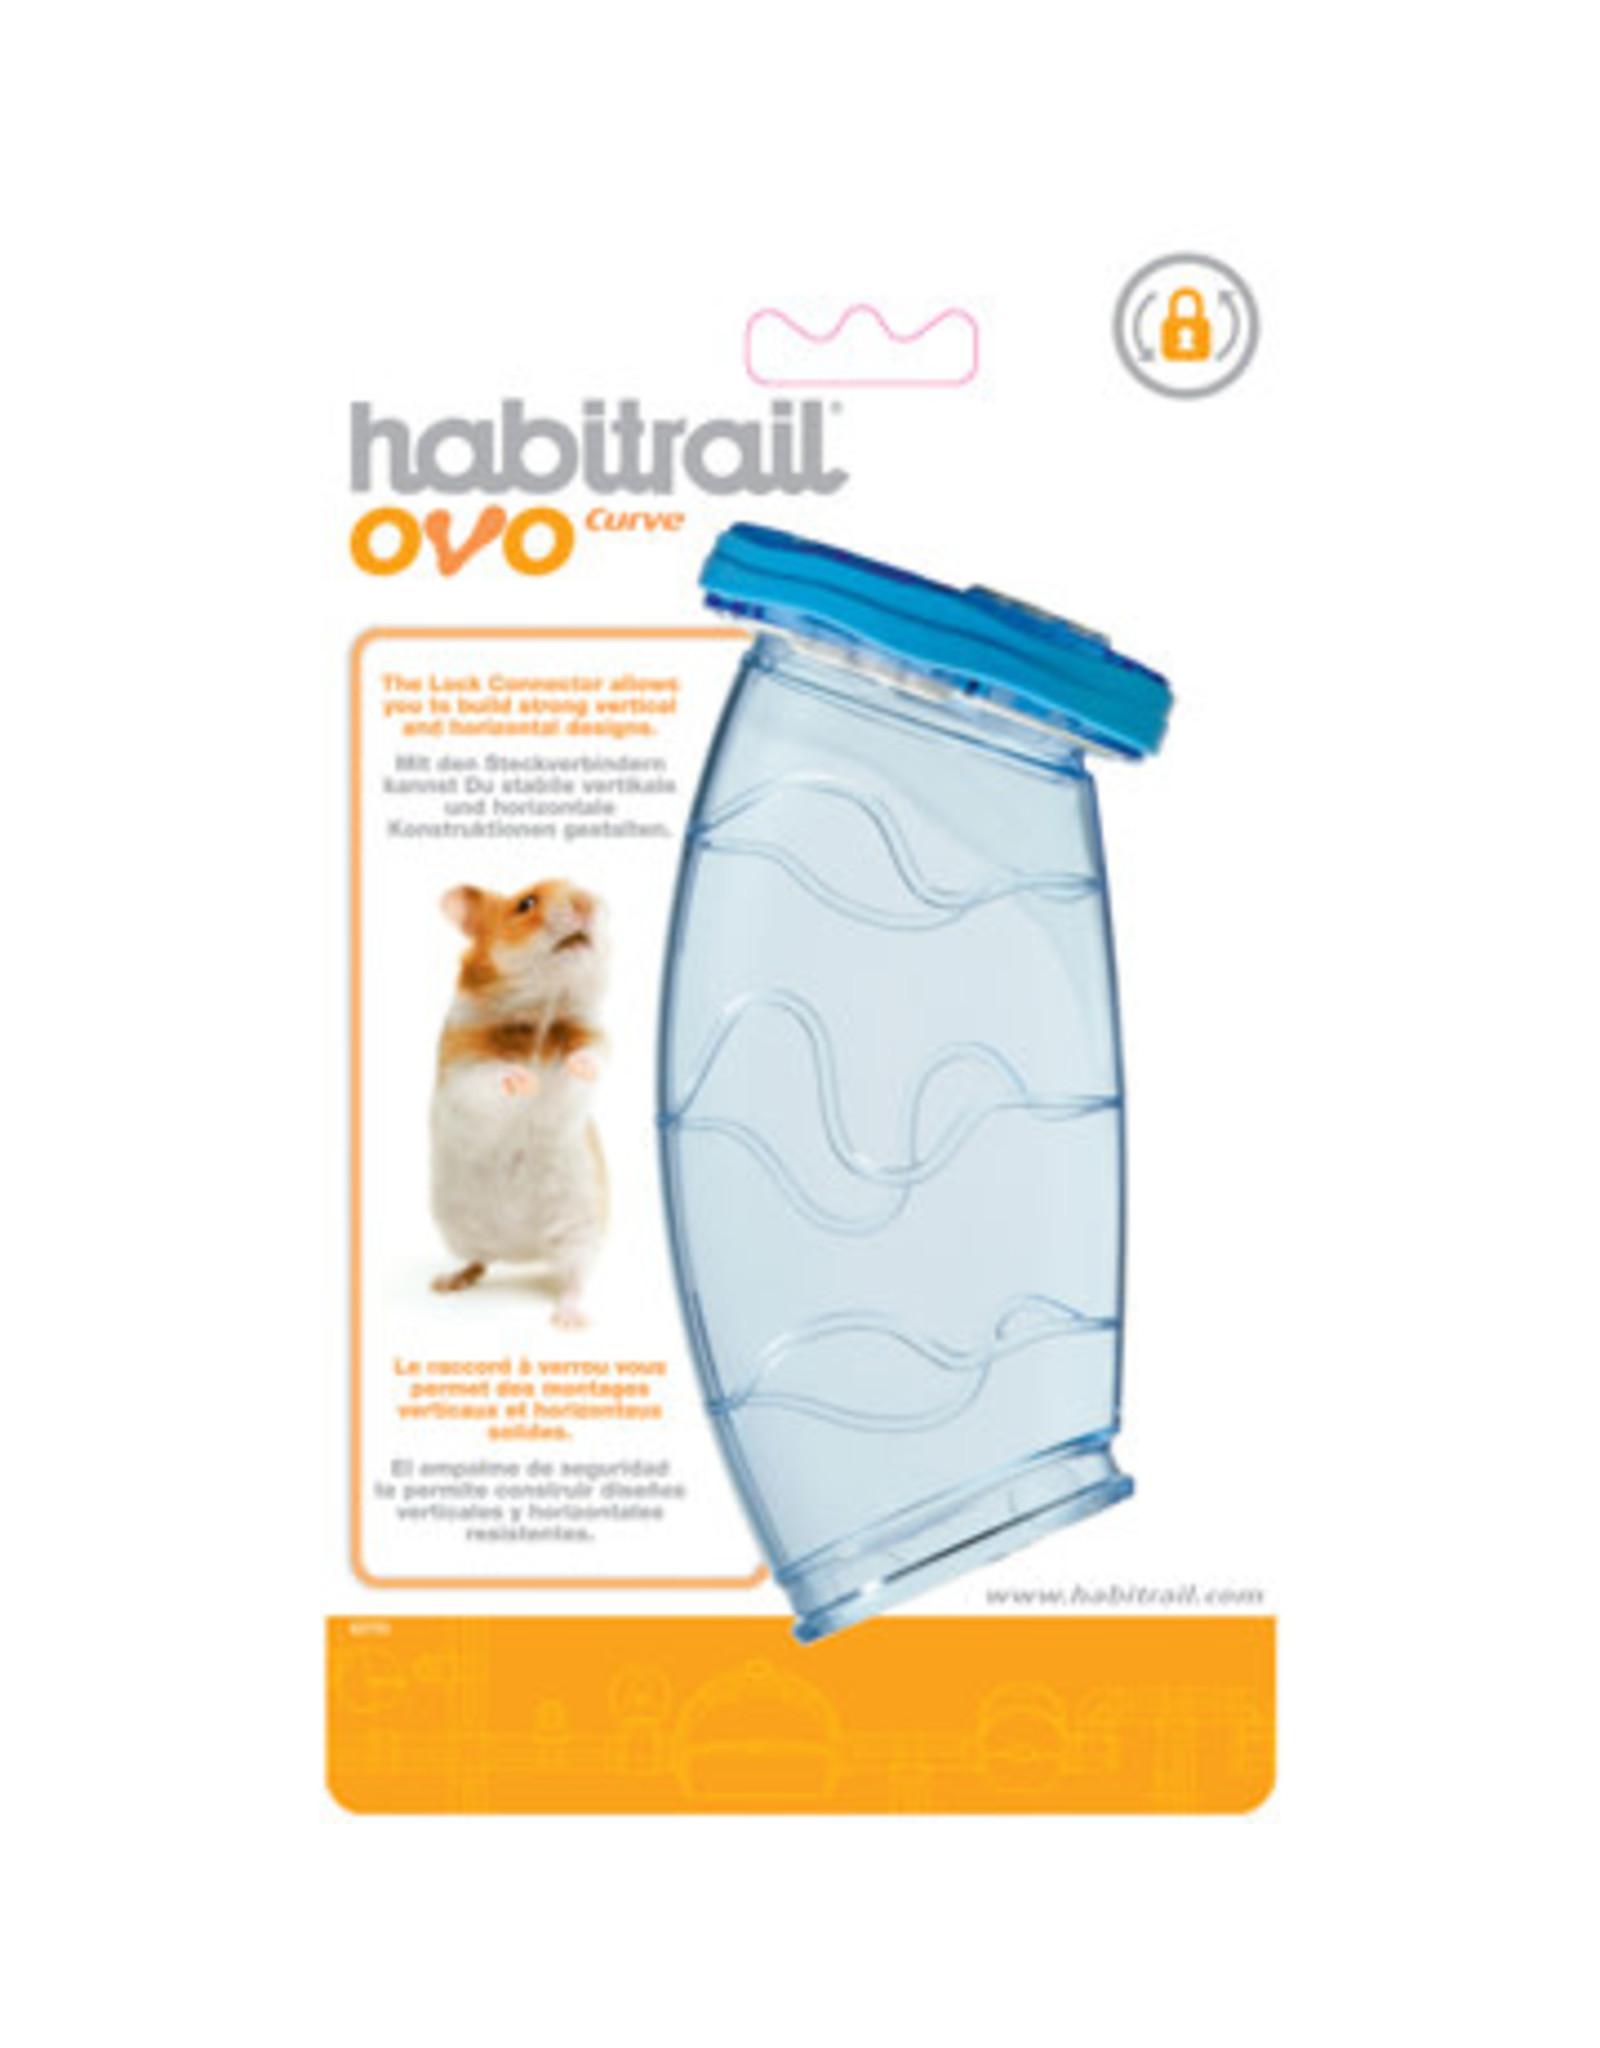 Habitrail Habitrail OVO - Curve